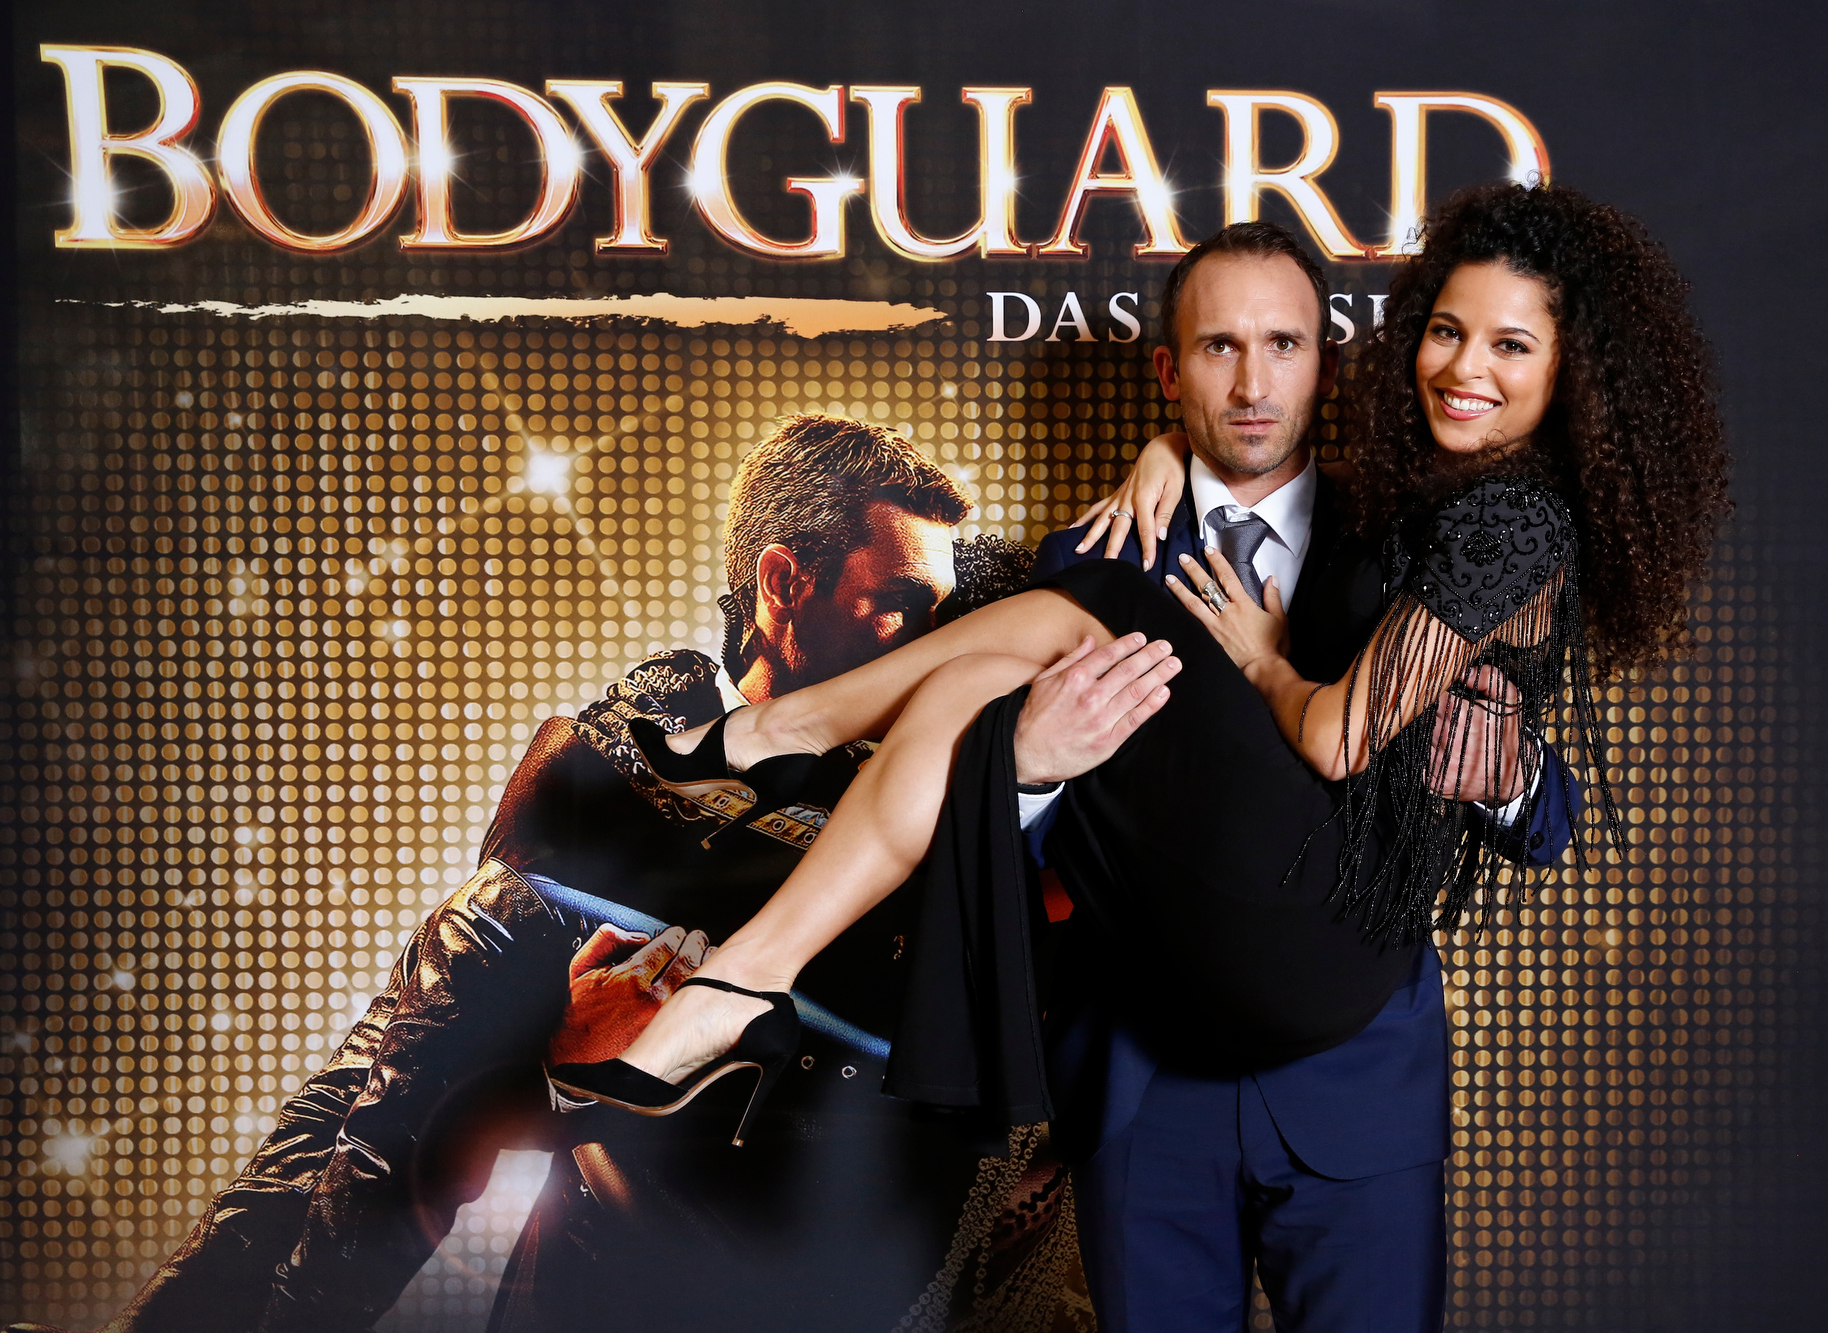 Besetzung Für Bodyguard In Köln Vorgestellt Musicalzone